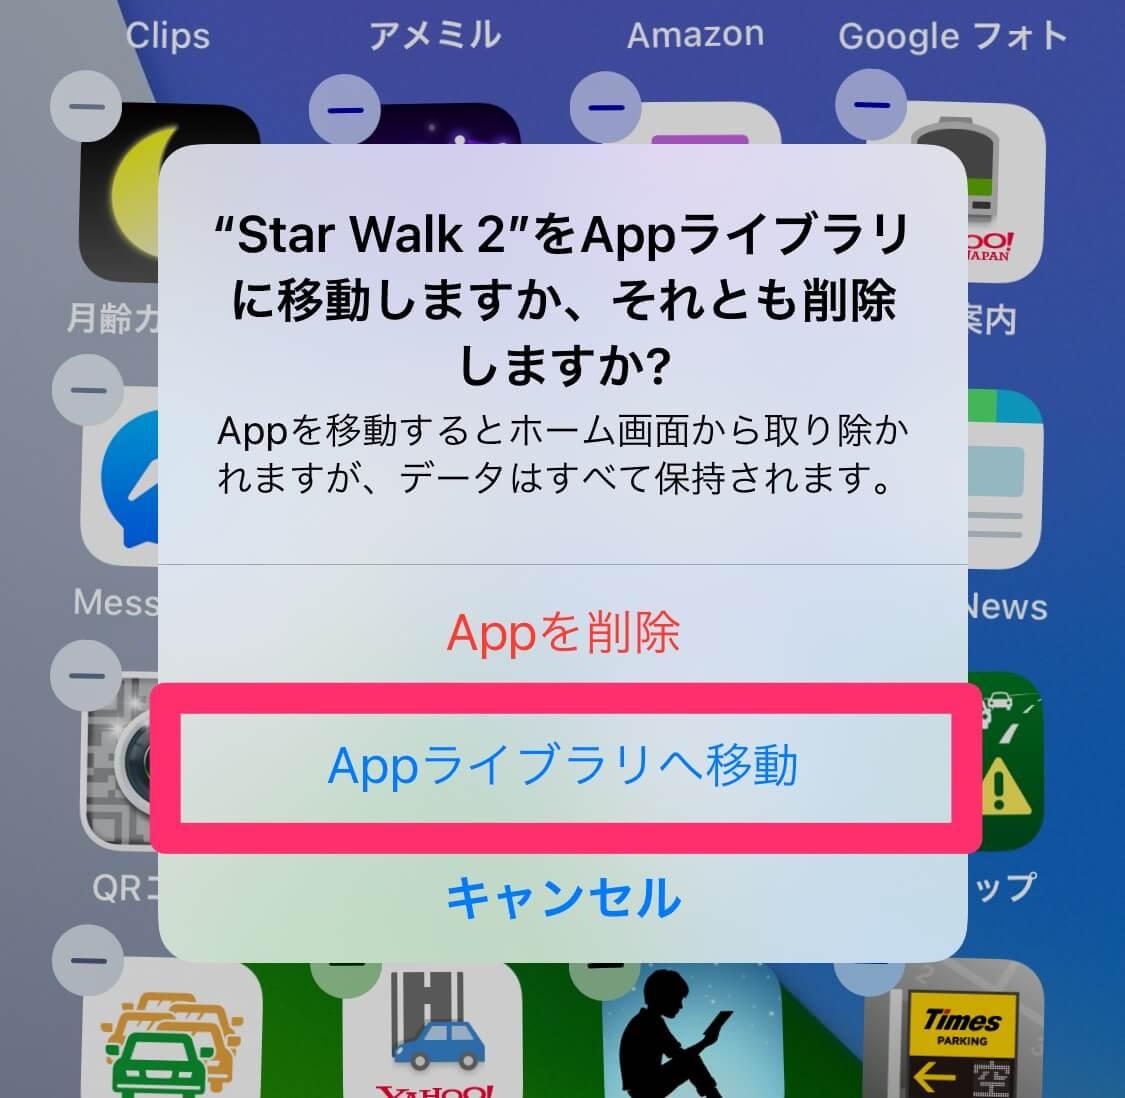 【iOS 14】Appライブラリは何が便利? たまにしか使わないアプリを移動してホーム画面を整頓しよう